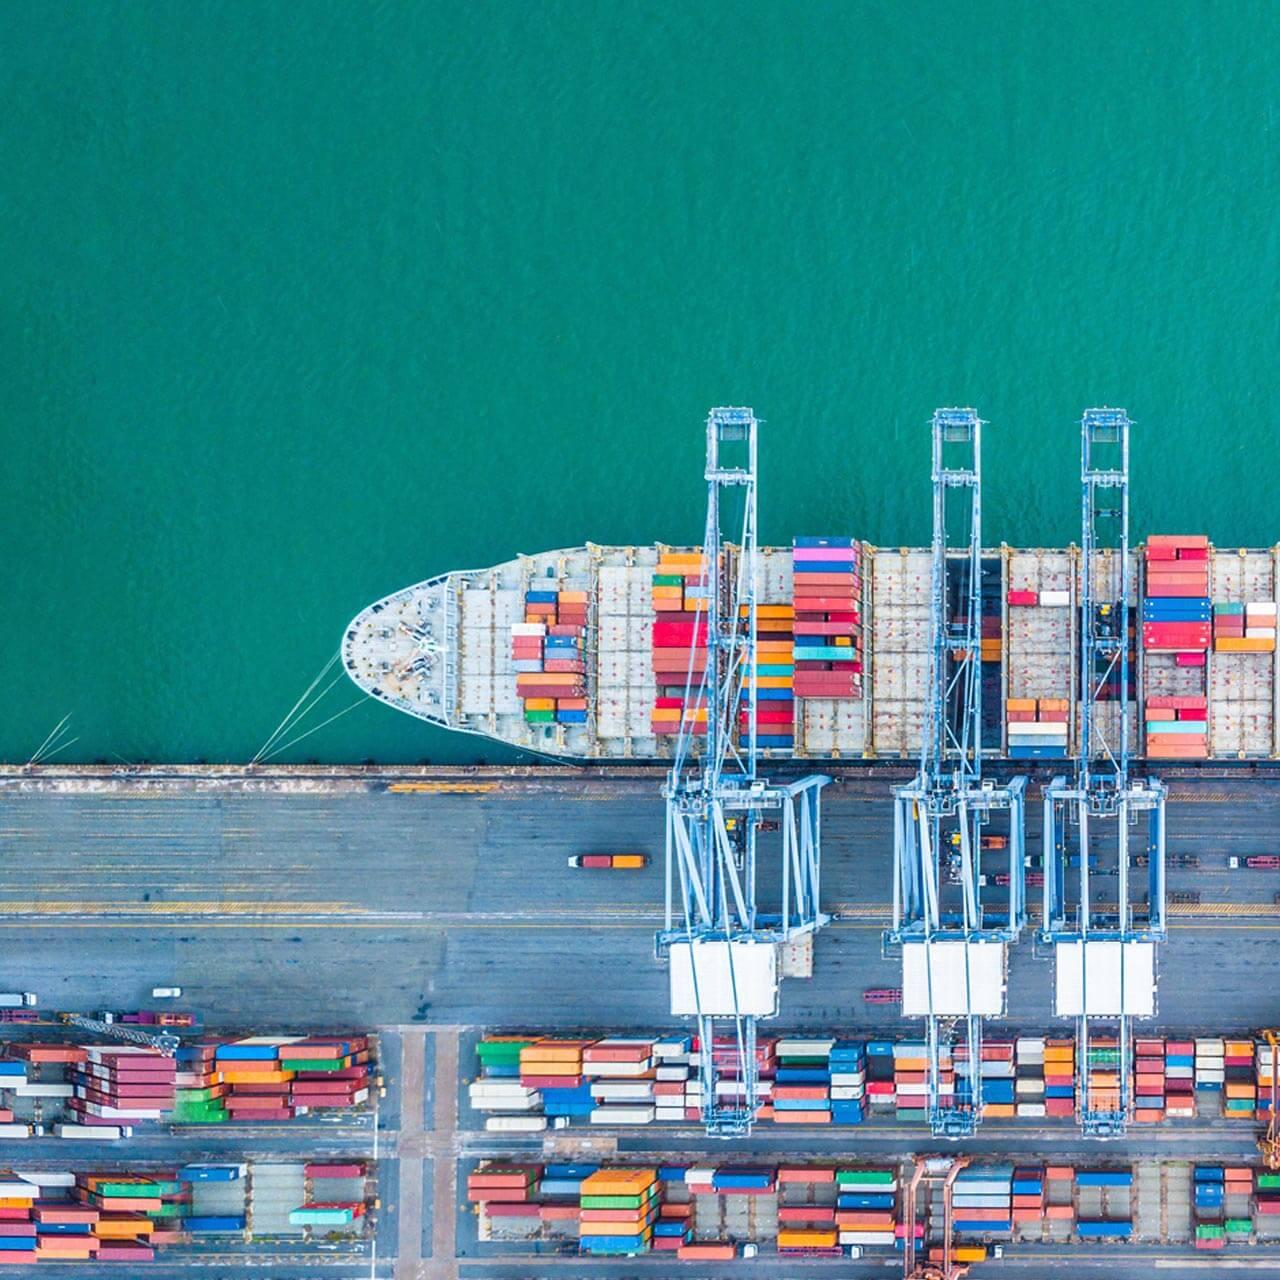 Transporting break bulk cargo by sea